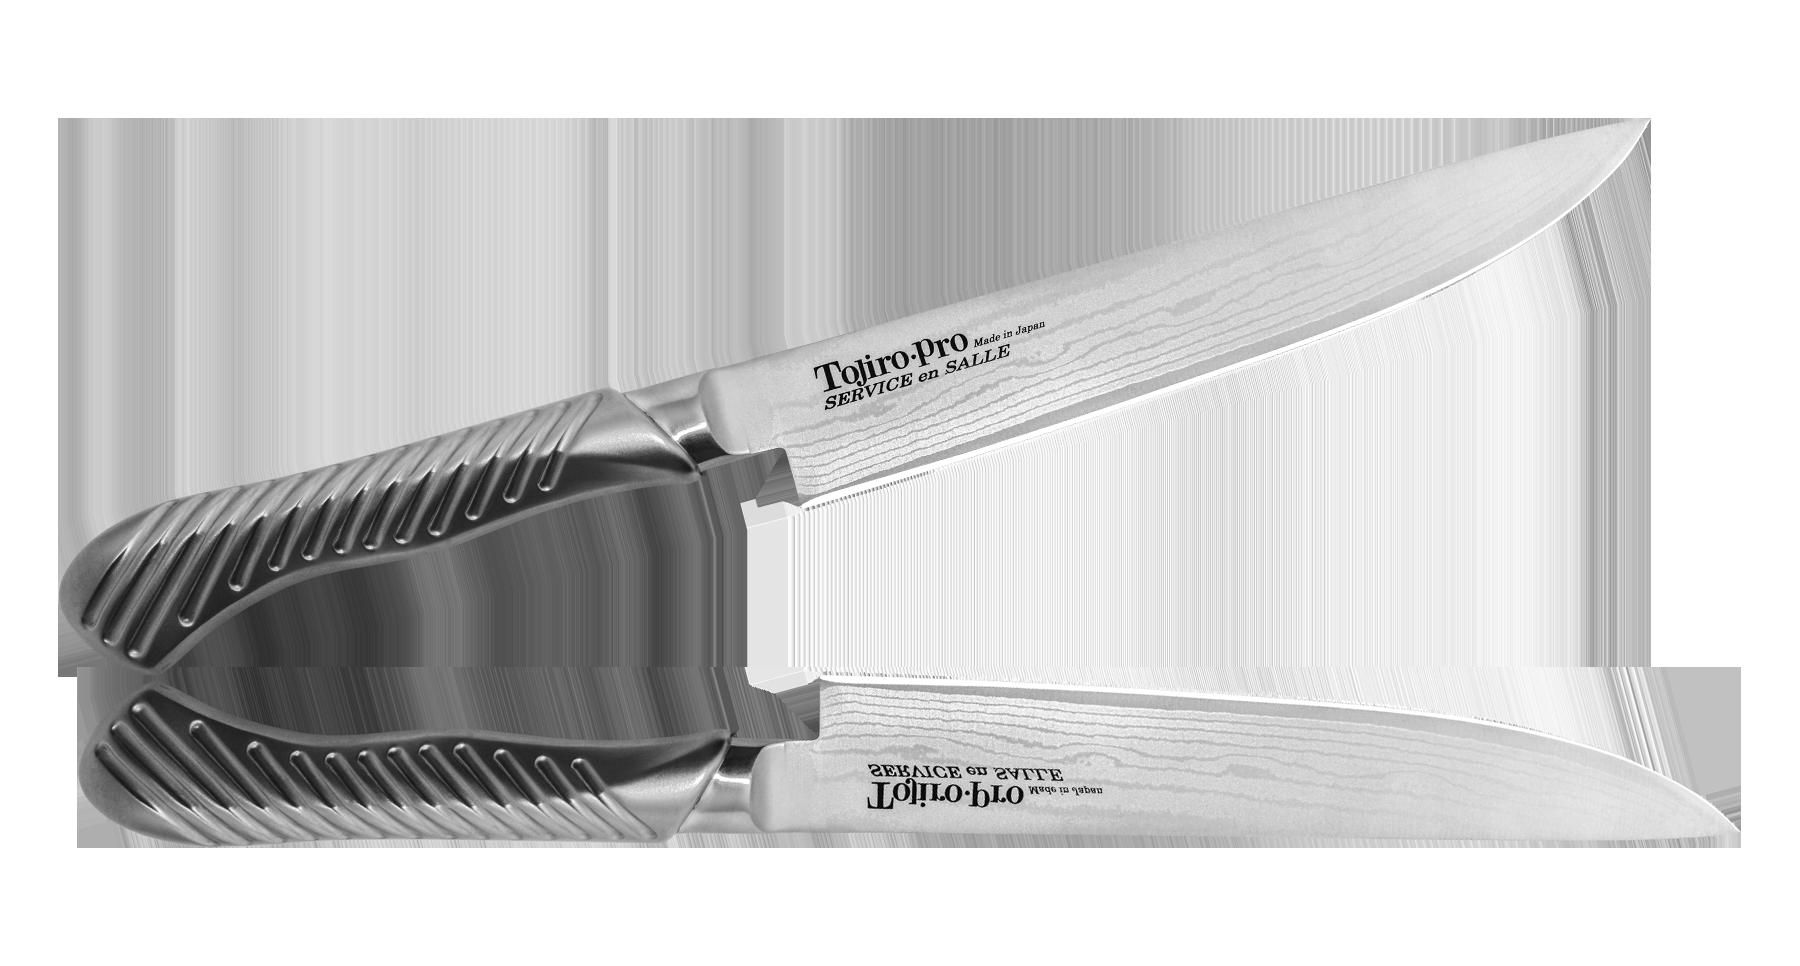 Фото 2 - Нож для нарезки стейка Service Knife, Tojiro, 190 мм, сталь VG-10